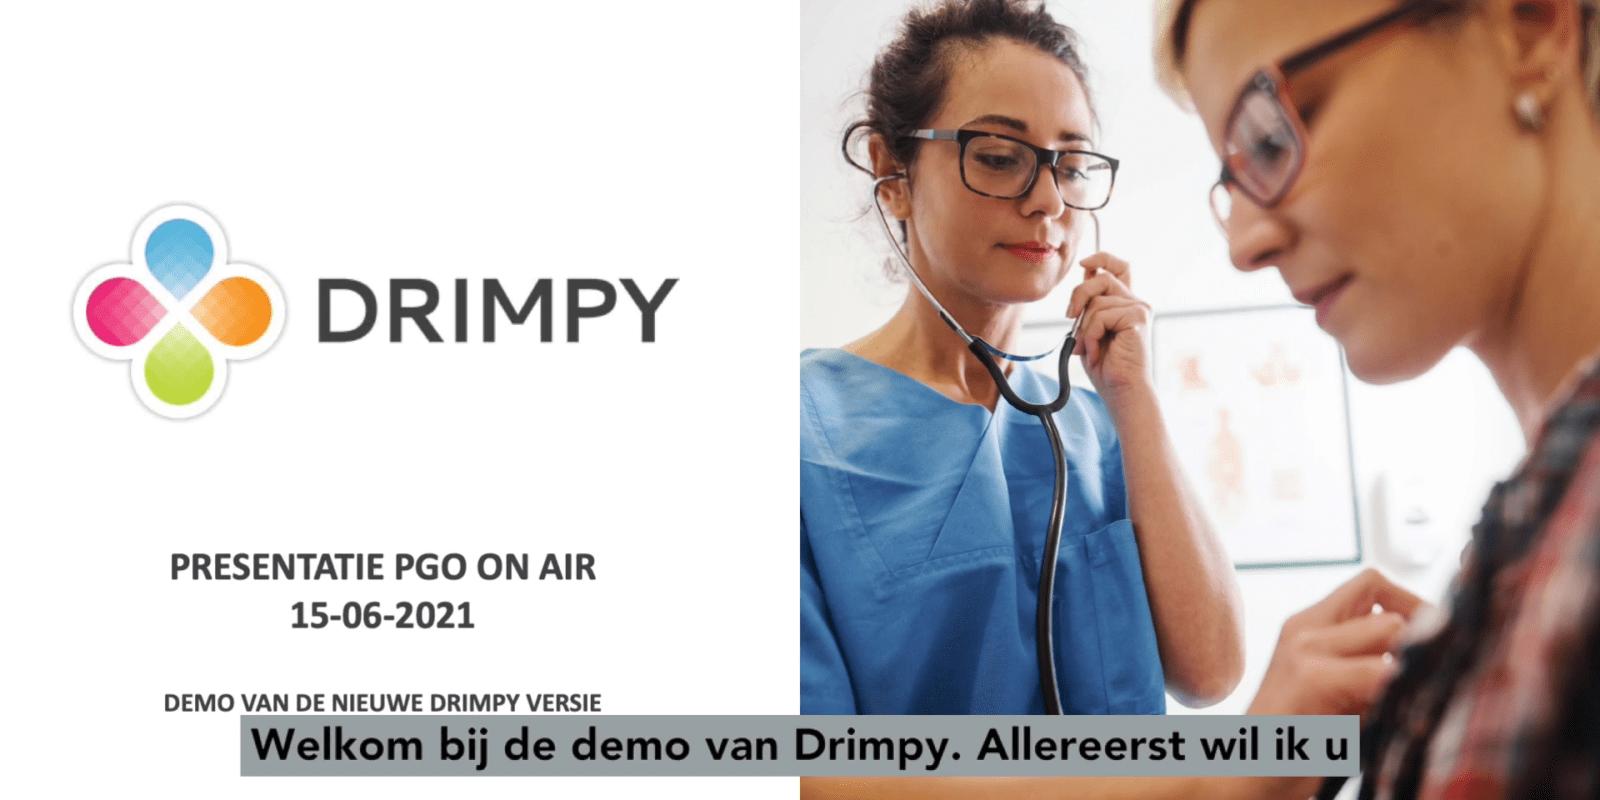 Bekijk dit filmpje voor meer informatie over Drimpy.